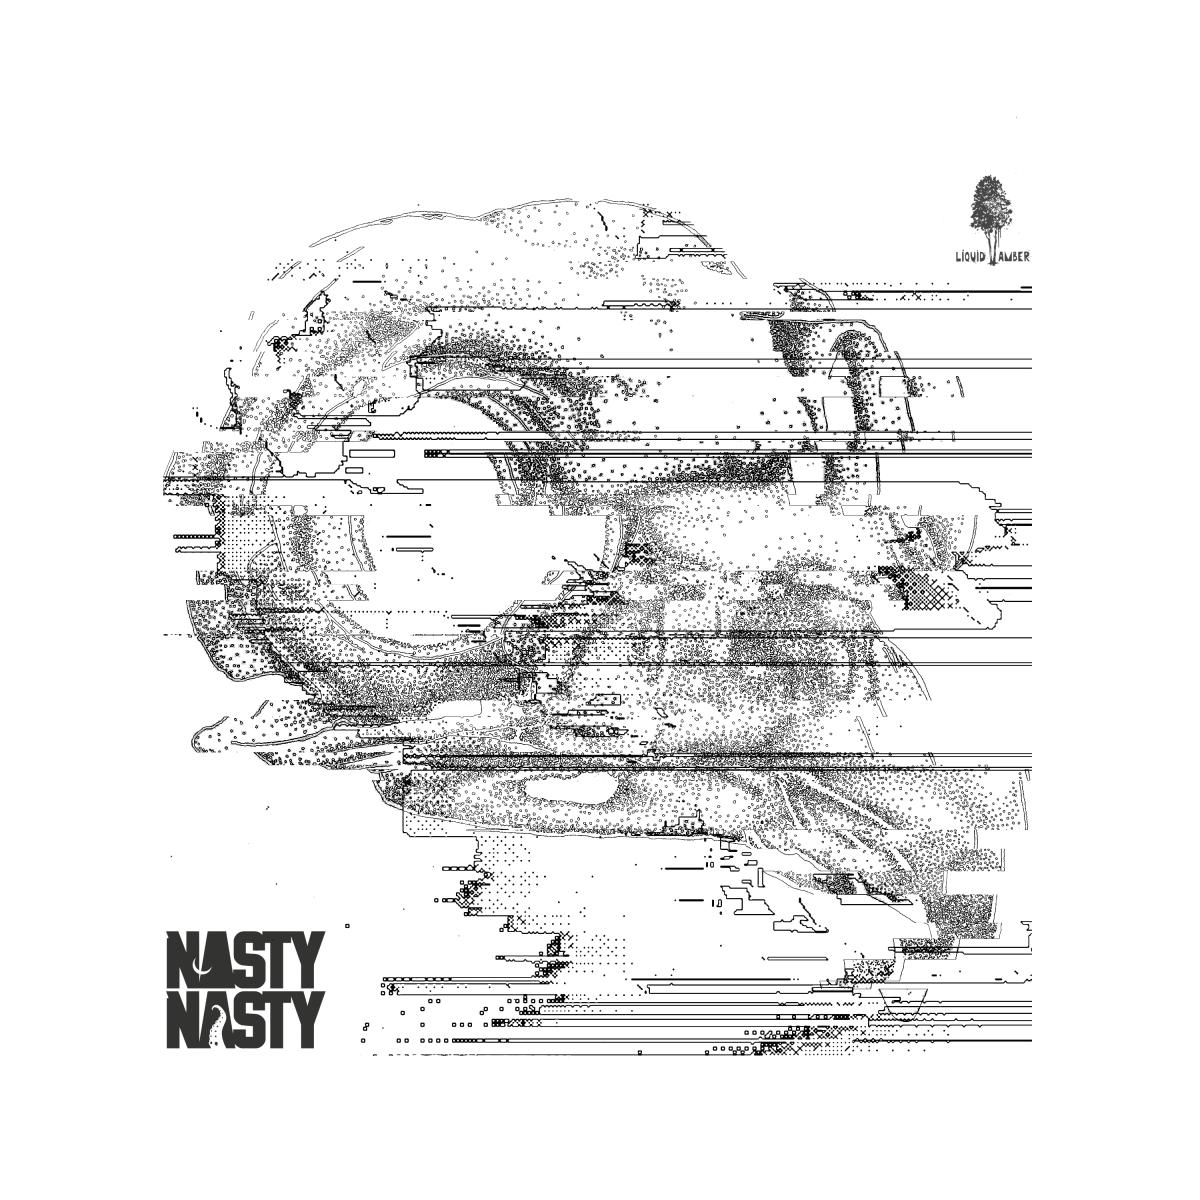 NastyNasty Hideous Mask Album Artwork for Retail / Distribution (EDM.com)